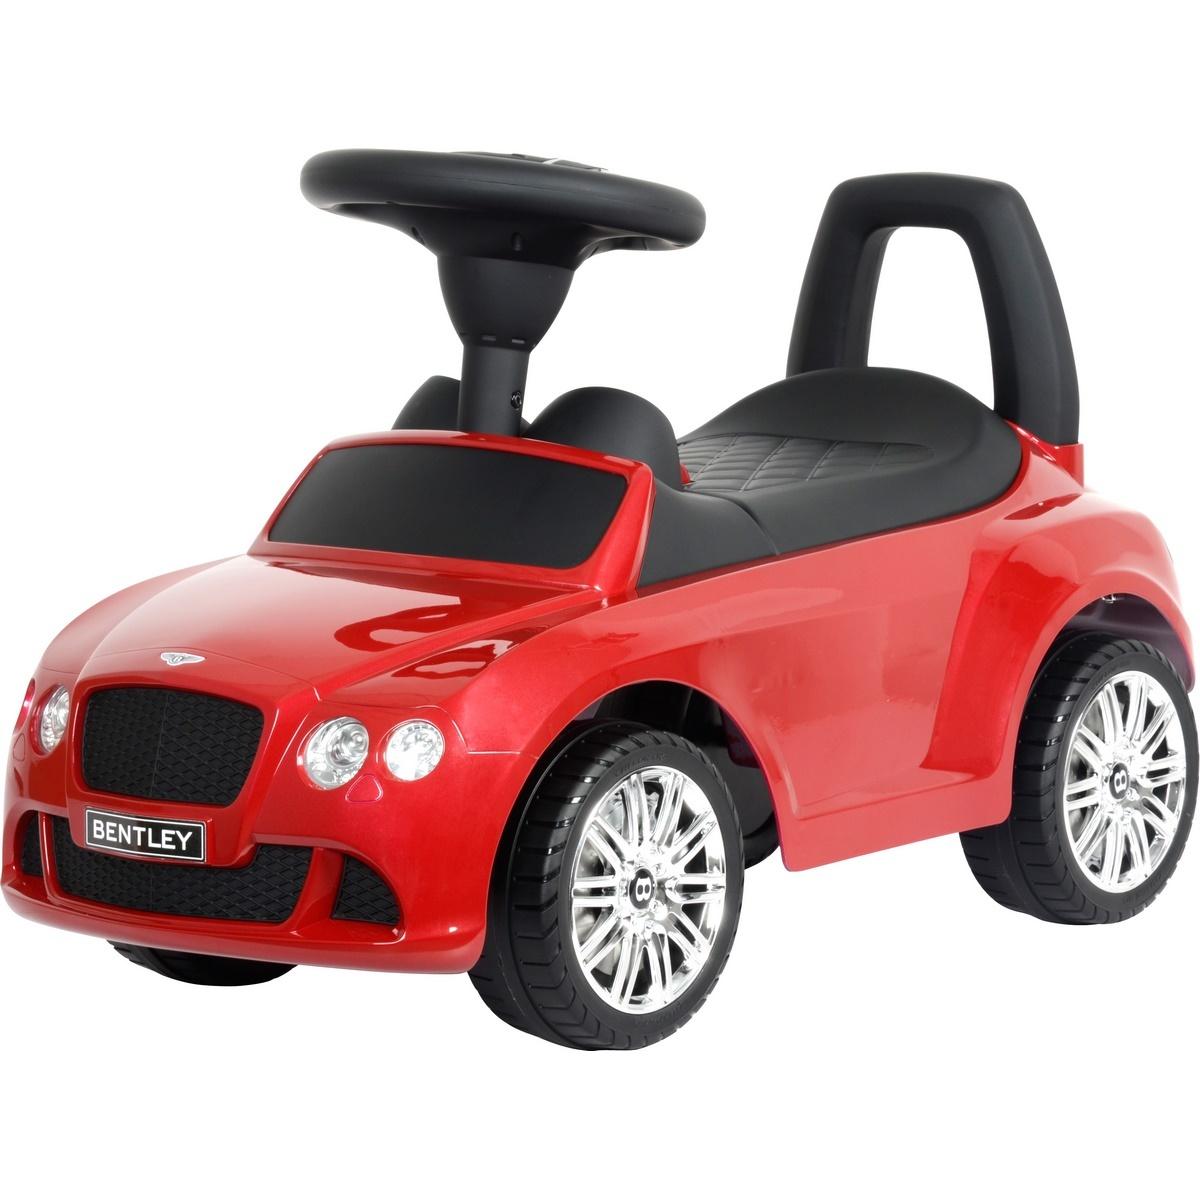 Odrážedlo Buddy Toys Bentley červené